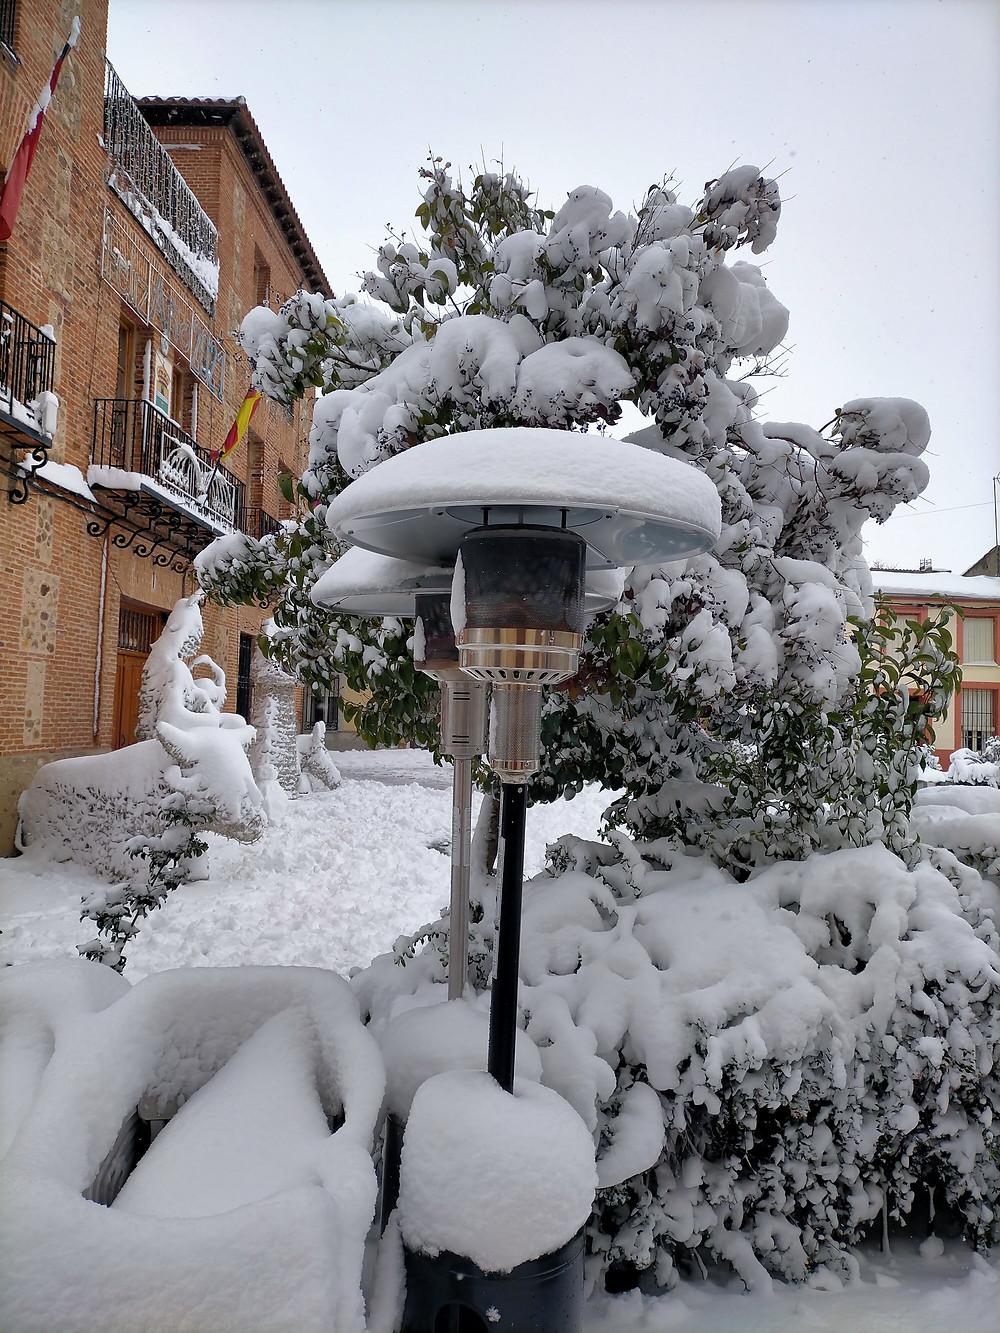 Estufas de gas enterradas en nieve